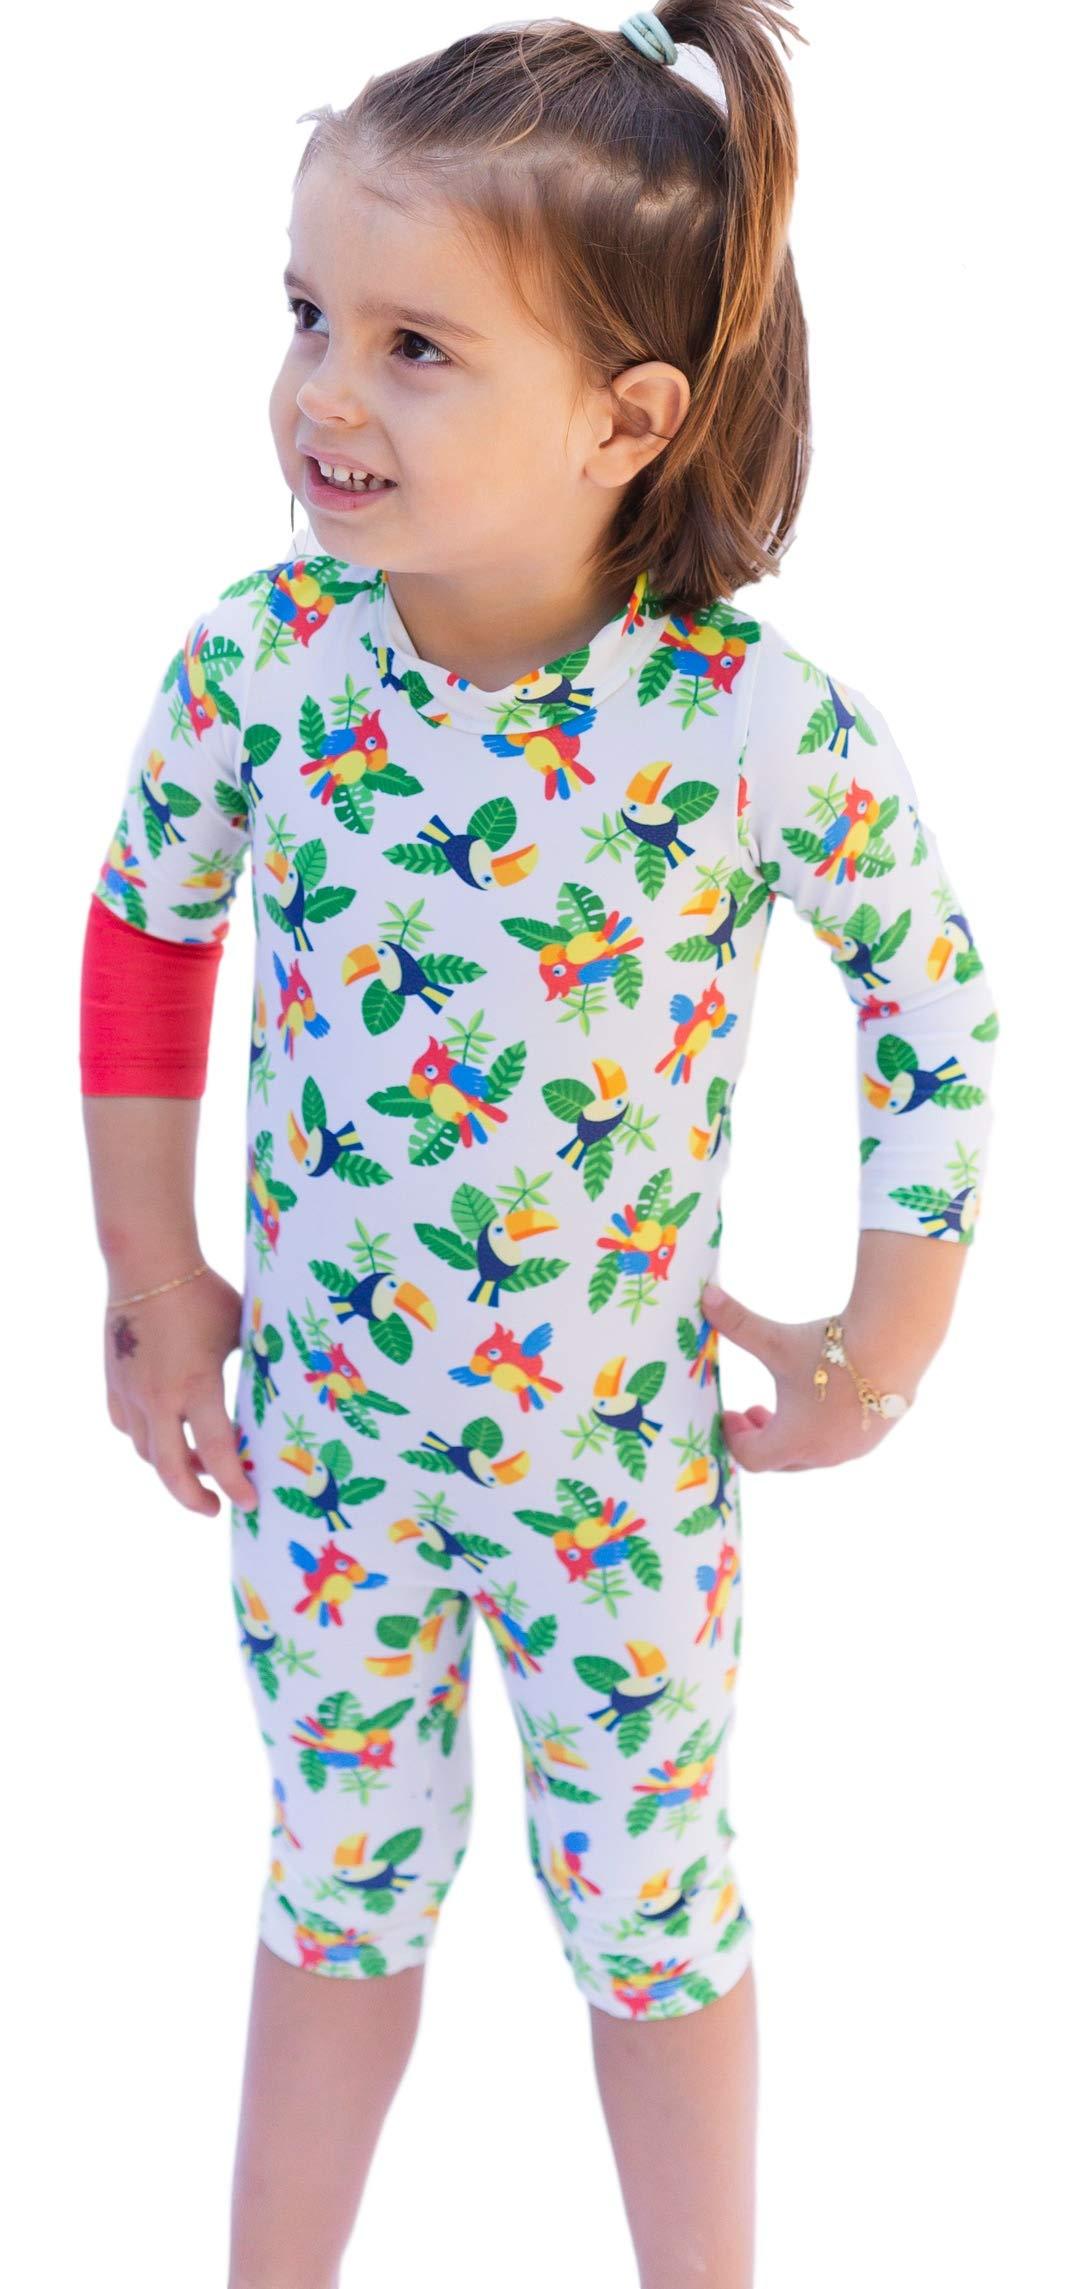 OCOI Traje De Baño para Bebé con Protección Solar UPF50+ Manga Larga – Mono/Bodysuit/Bañador Entero Una Pieza niña y… 9